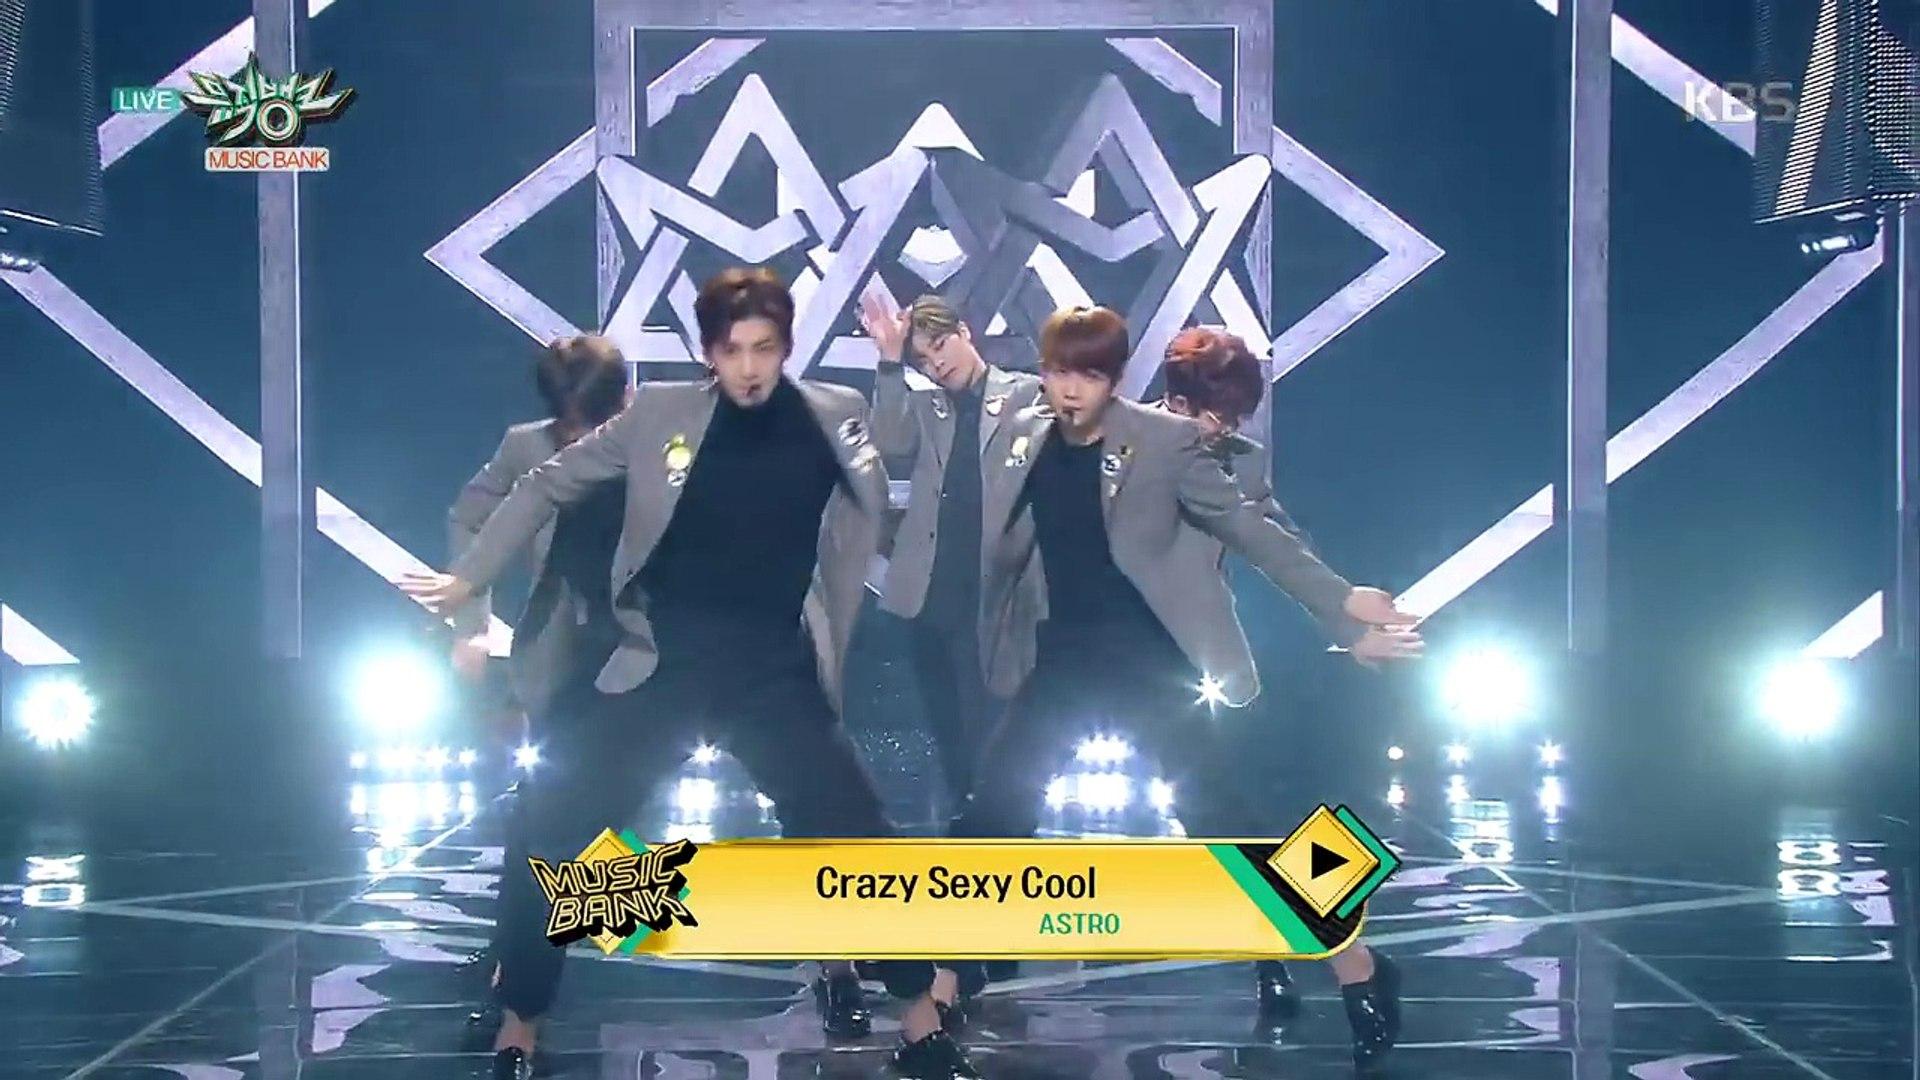 뮤직뱅크 Music Bank - 니가 불어와(Crazy Sexy Cool) - 아스트로 (Crazy Sexy Cool - ASTRO).20171201-Knc7l2VMn8M